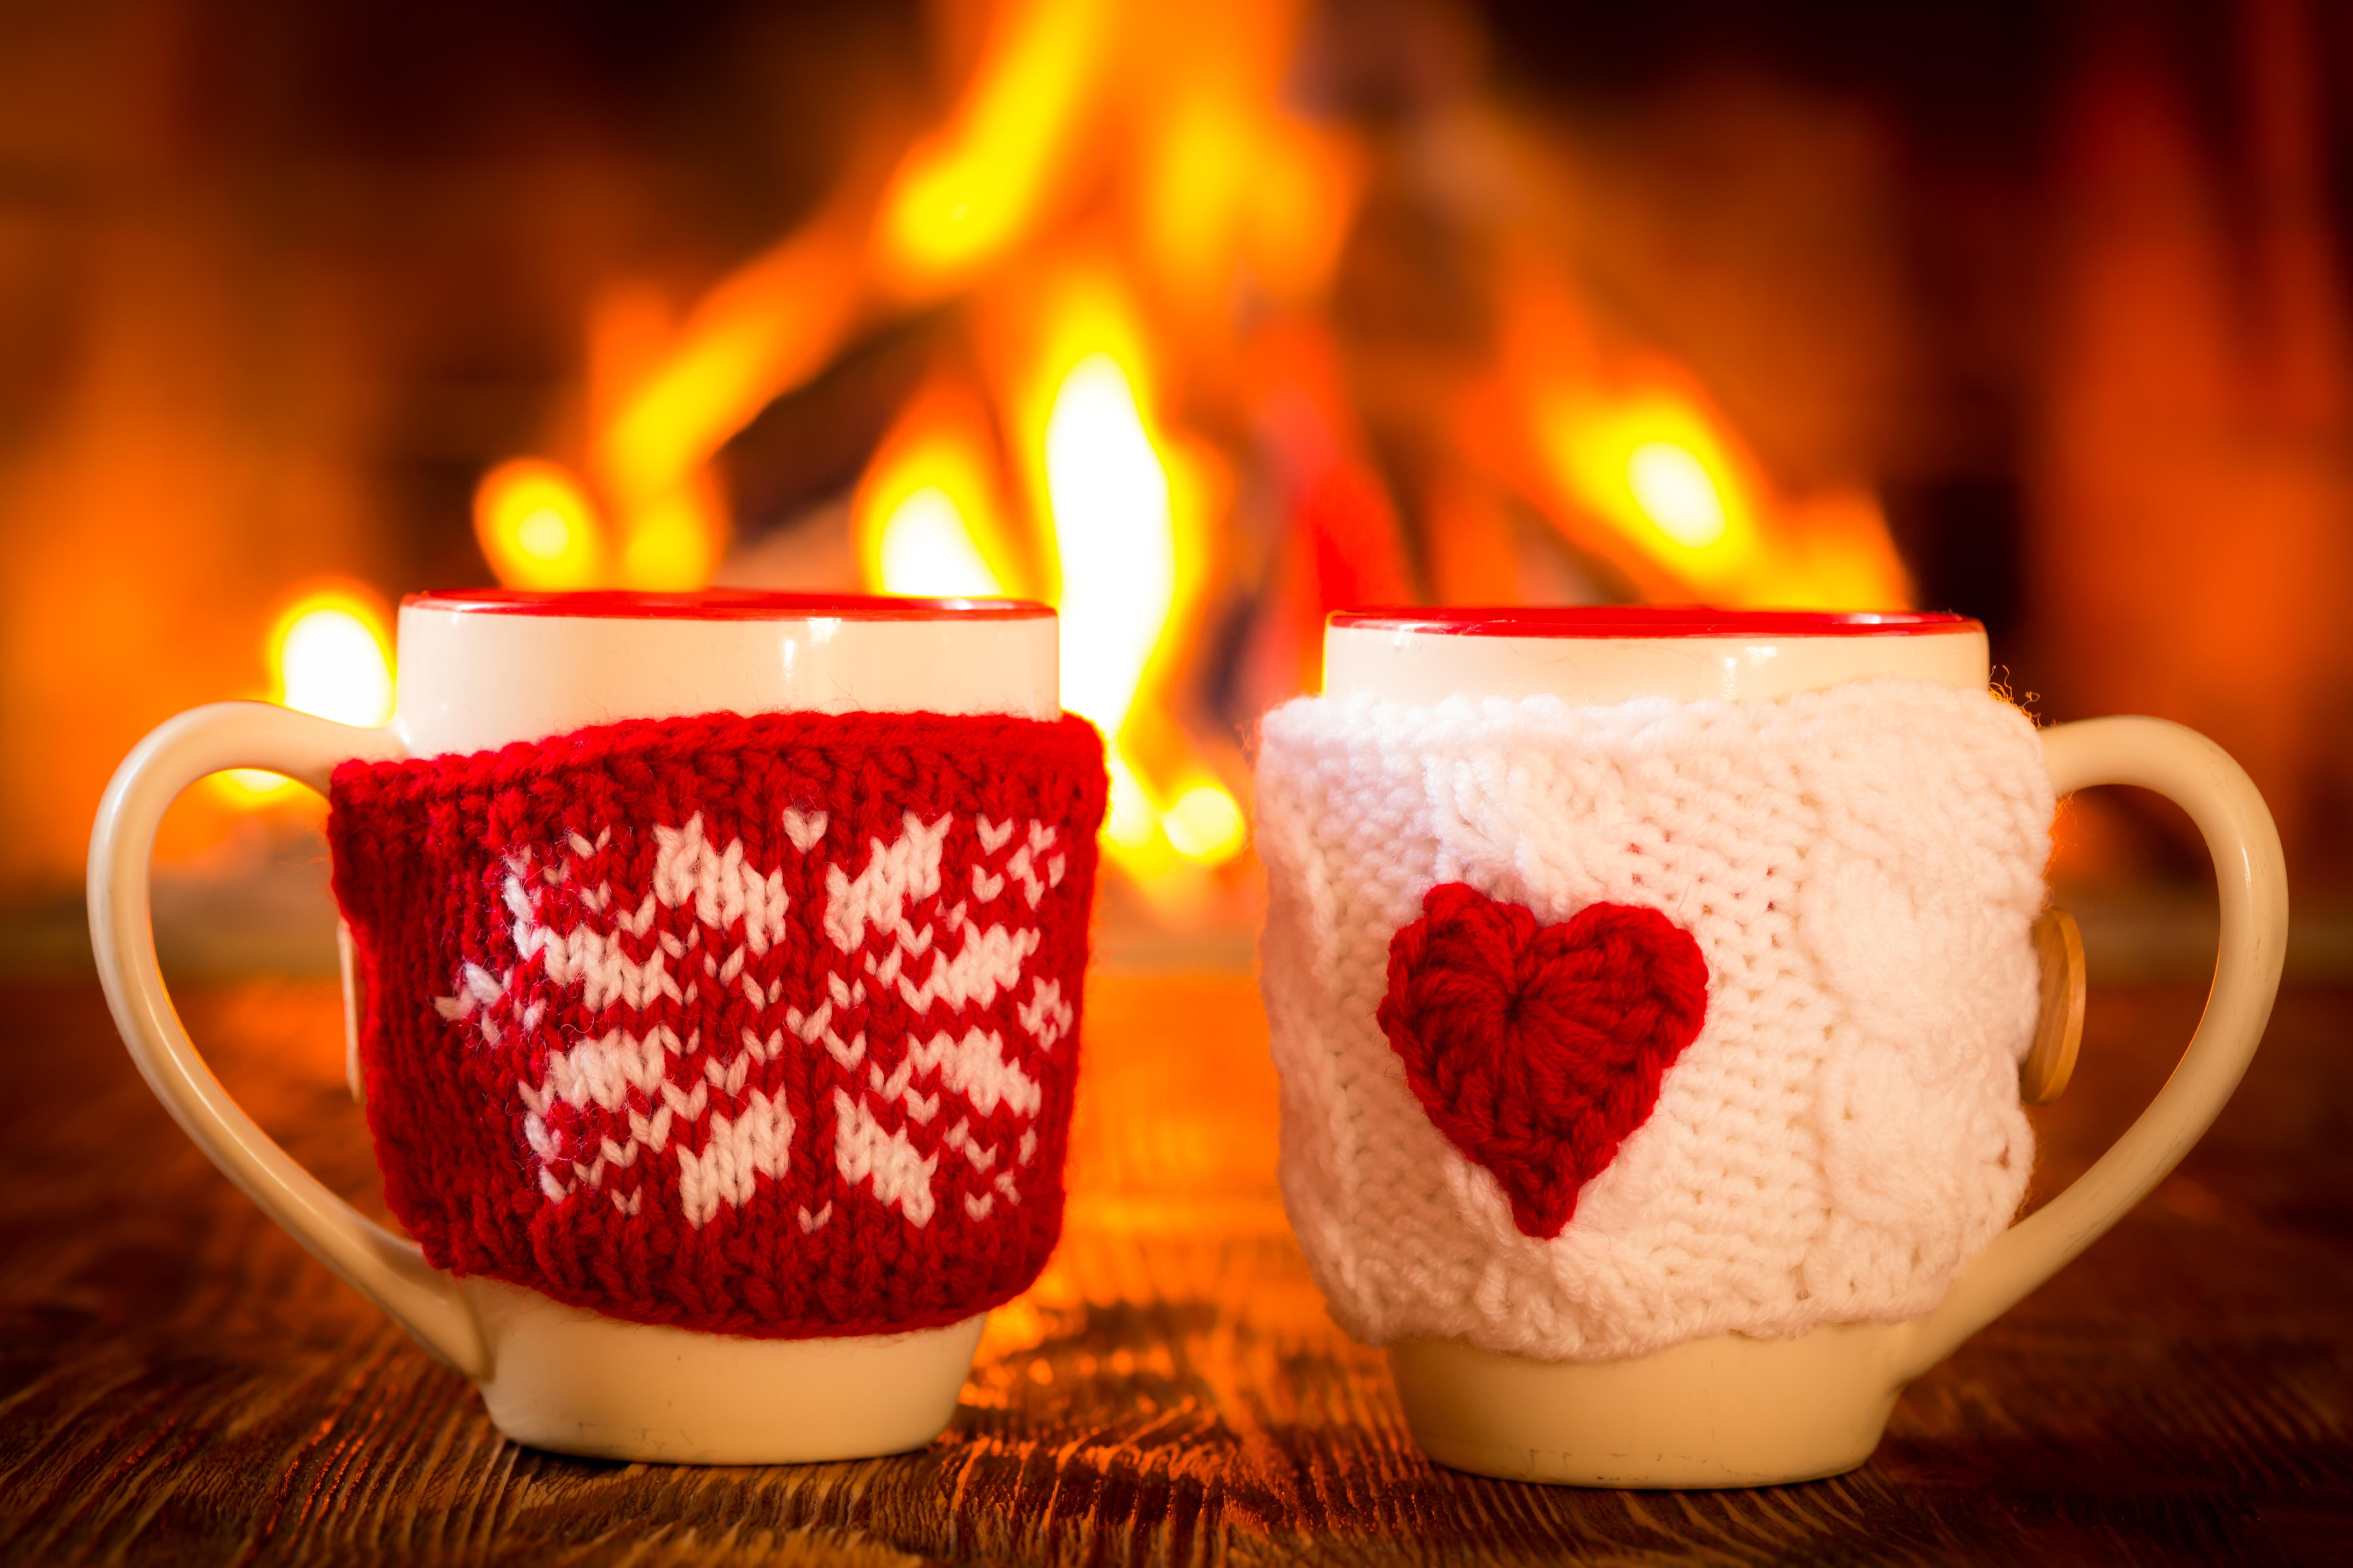 Белая чашка на фоне огней  № 2121436 загрузить